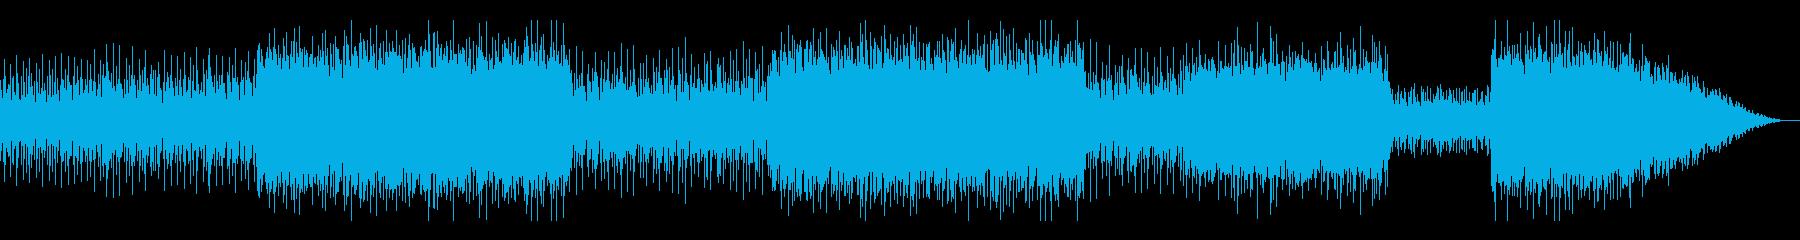 古代中国や和風のバトル 古典音楽+前衛の再生済みの波形